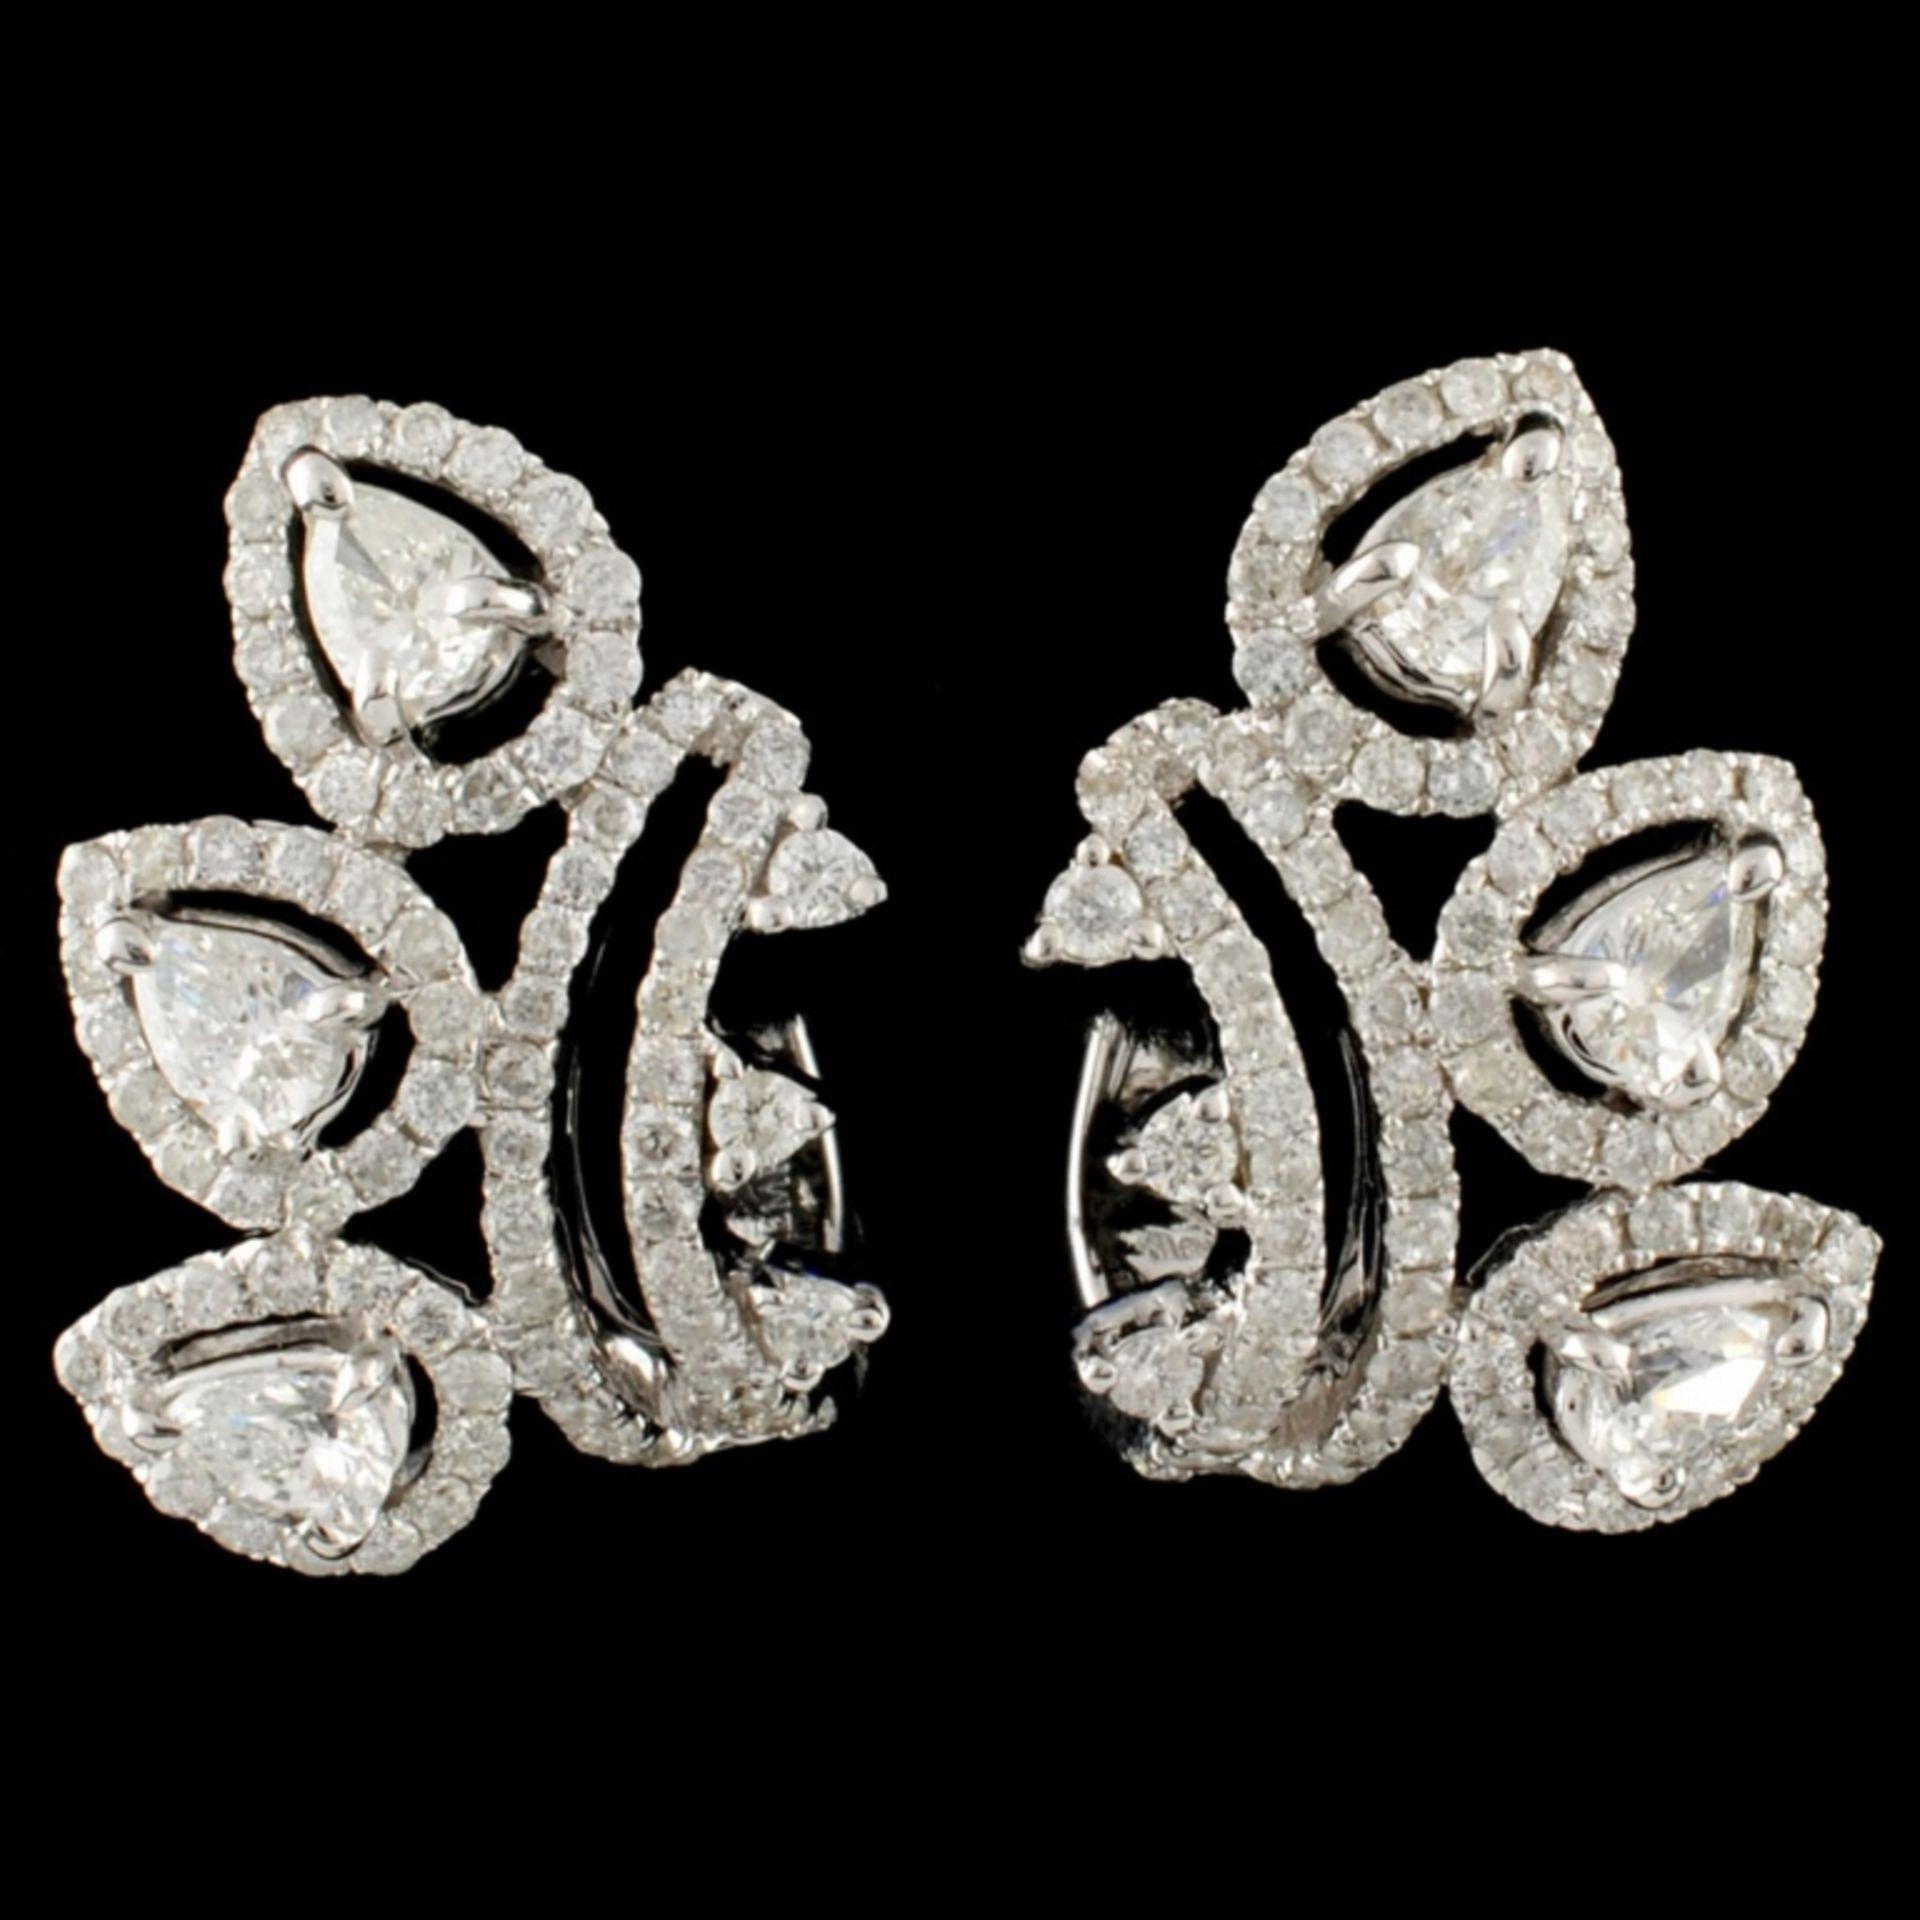 18K Gold 1.28ctw Diamond Earrings